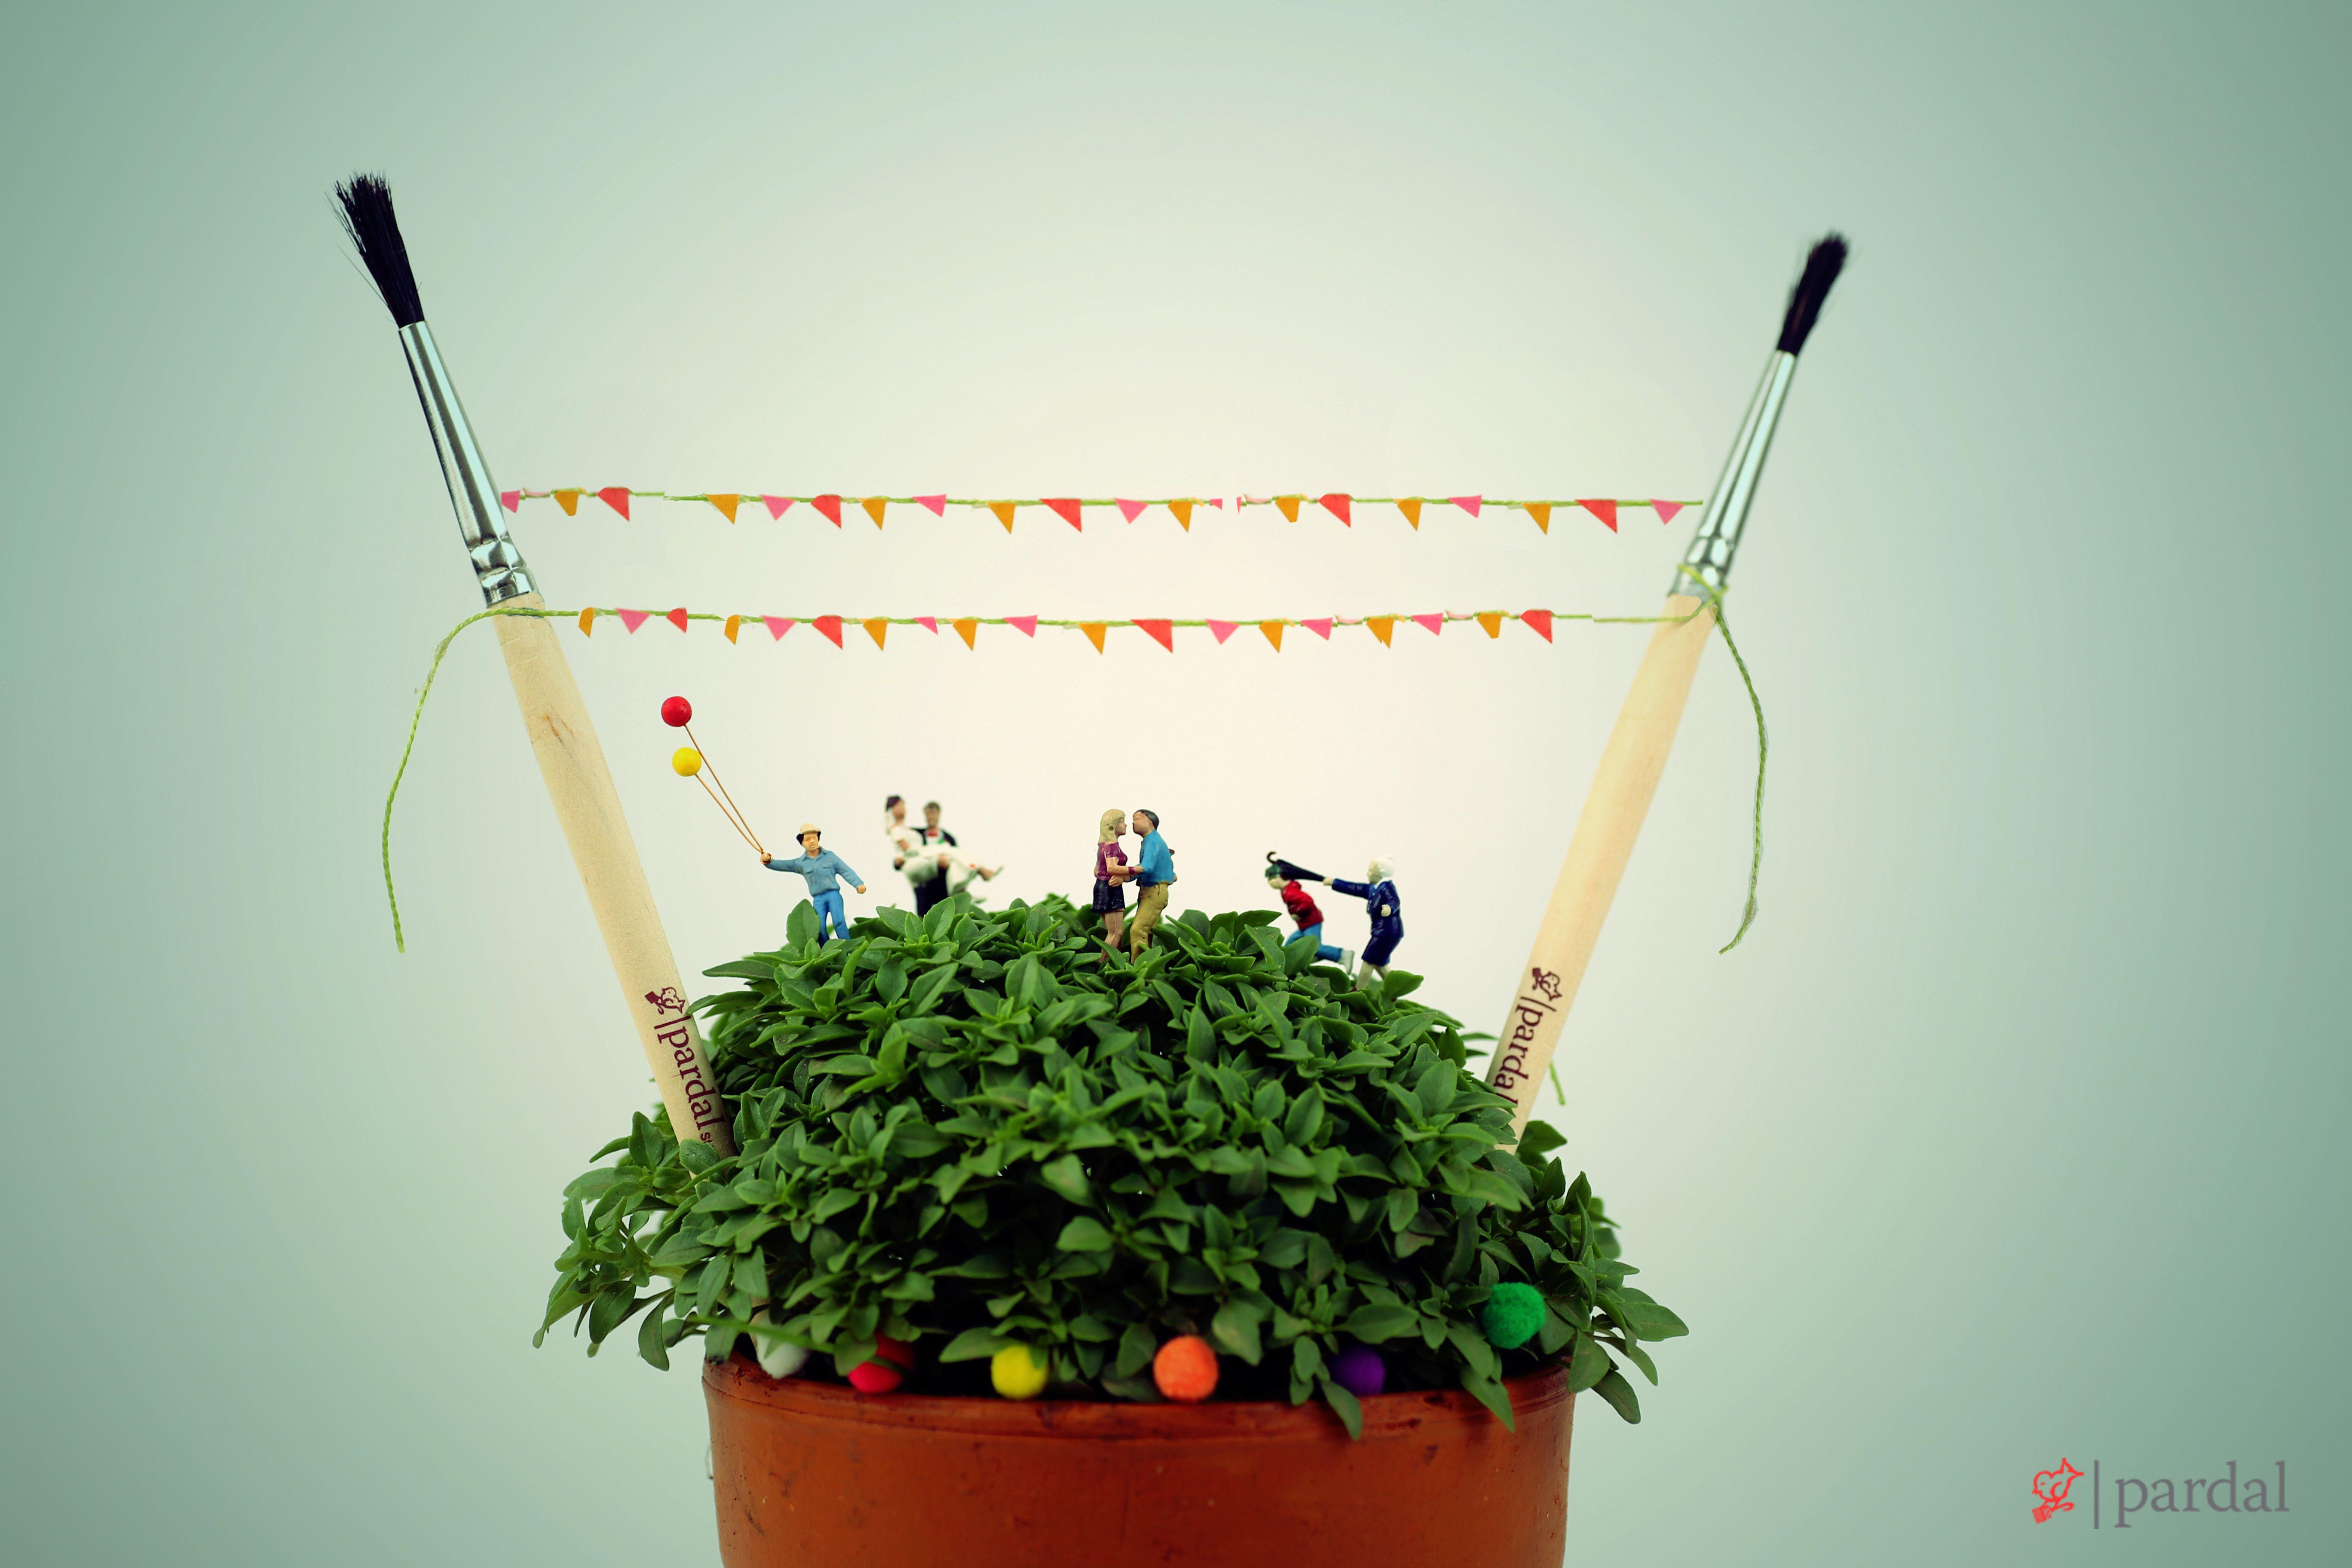 Qualquer que seja o Santo Popular de sua eleição a Pardal deseja que o festeje com muita cor, música e diversão!